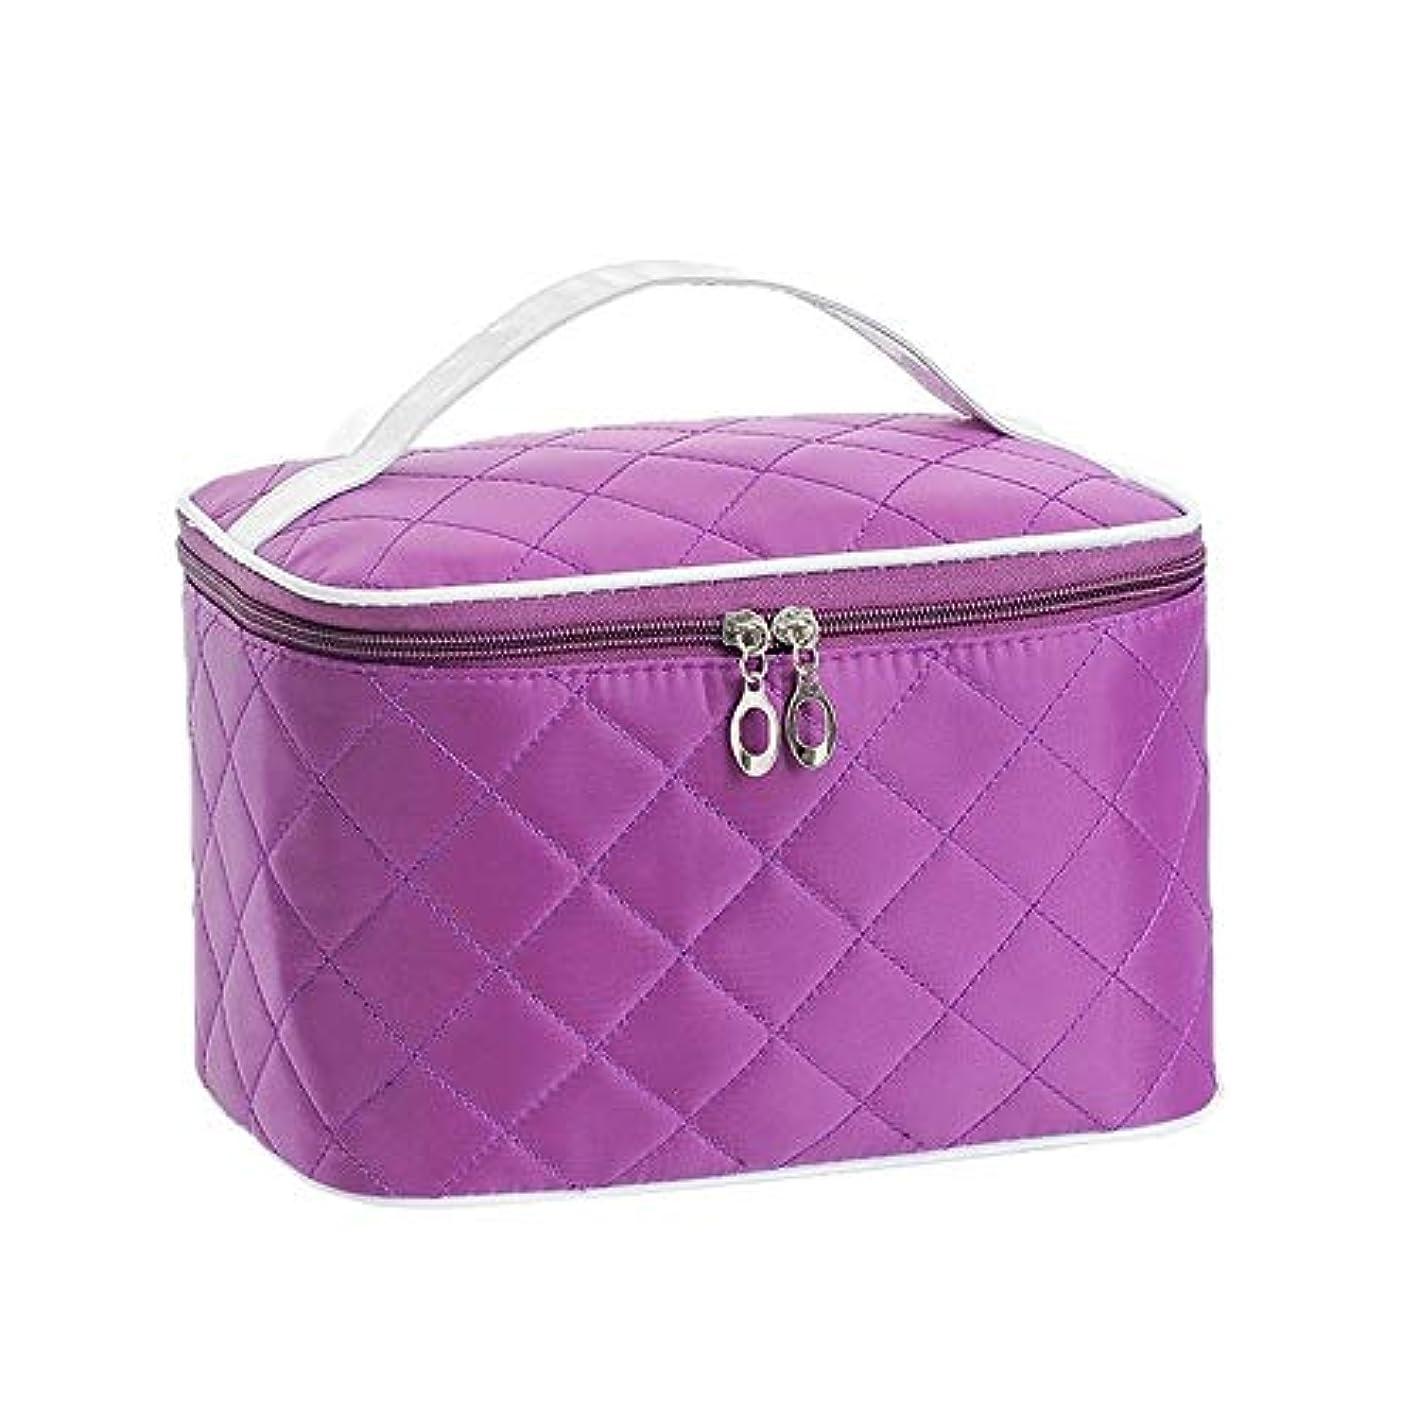 ファセットより多い希少性Venenos ハンドル収納袋が付いている化粧箱の大きい宇宙旅行化粧品の箱のポータブル化粧品袋